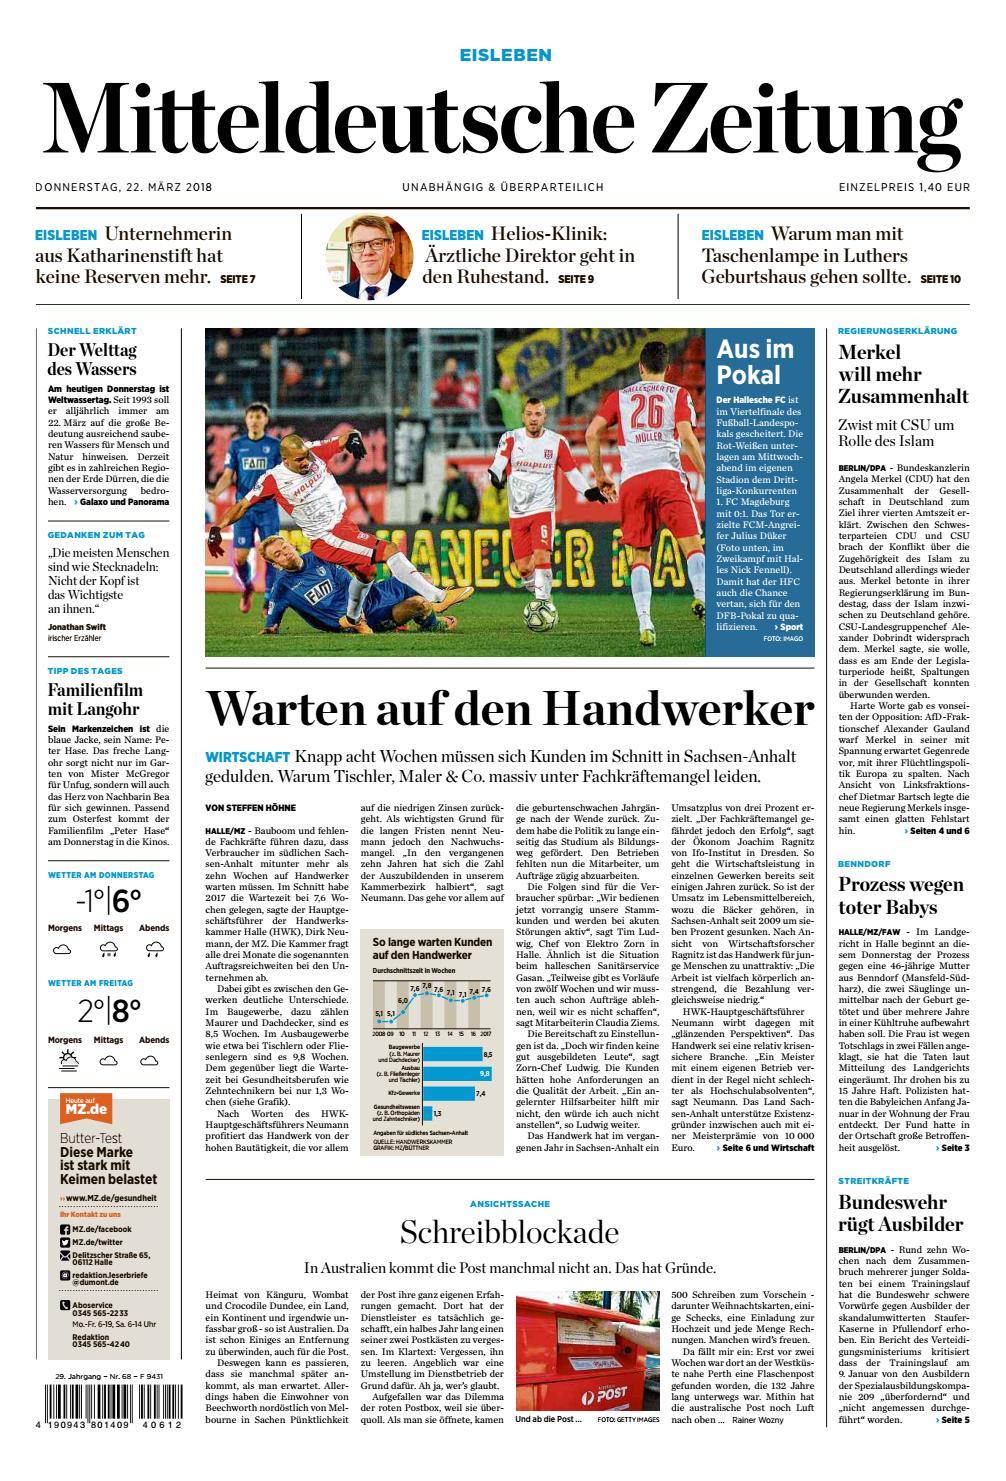 Mansfelder Zeitung Ausgabe 22 03 2018 By Mediengruppe